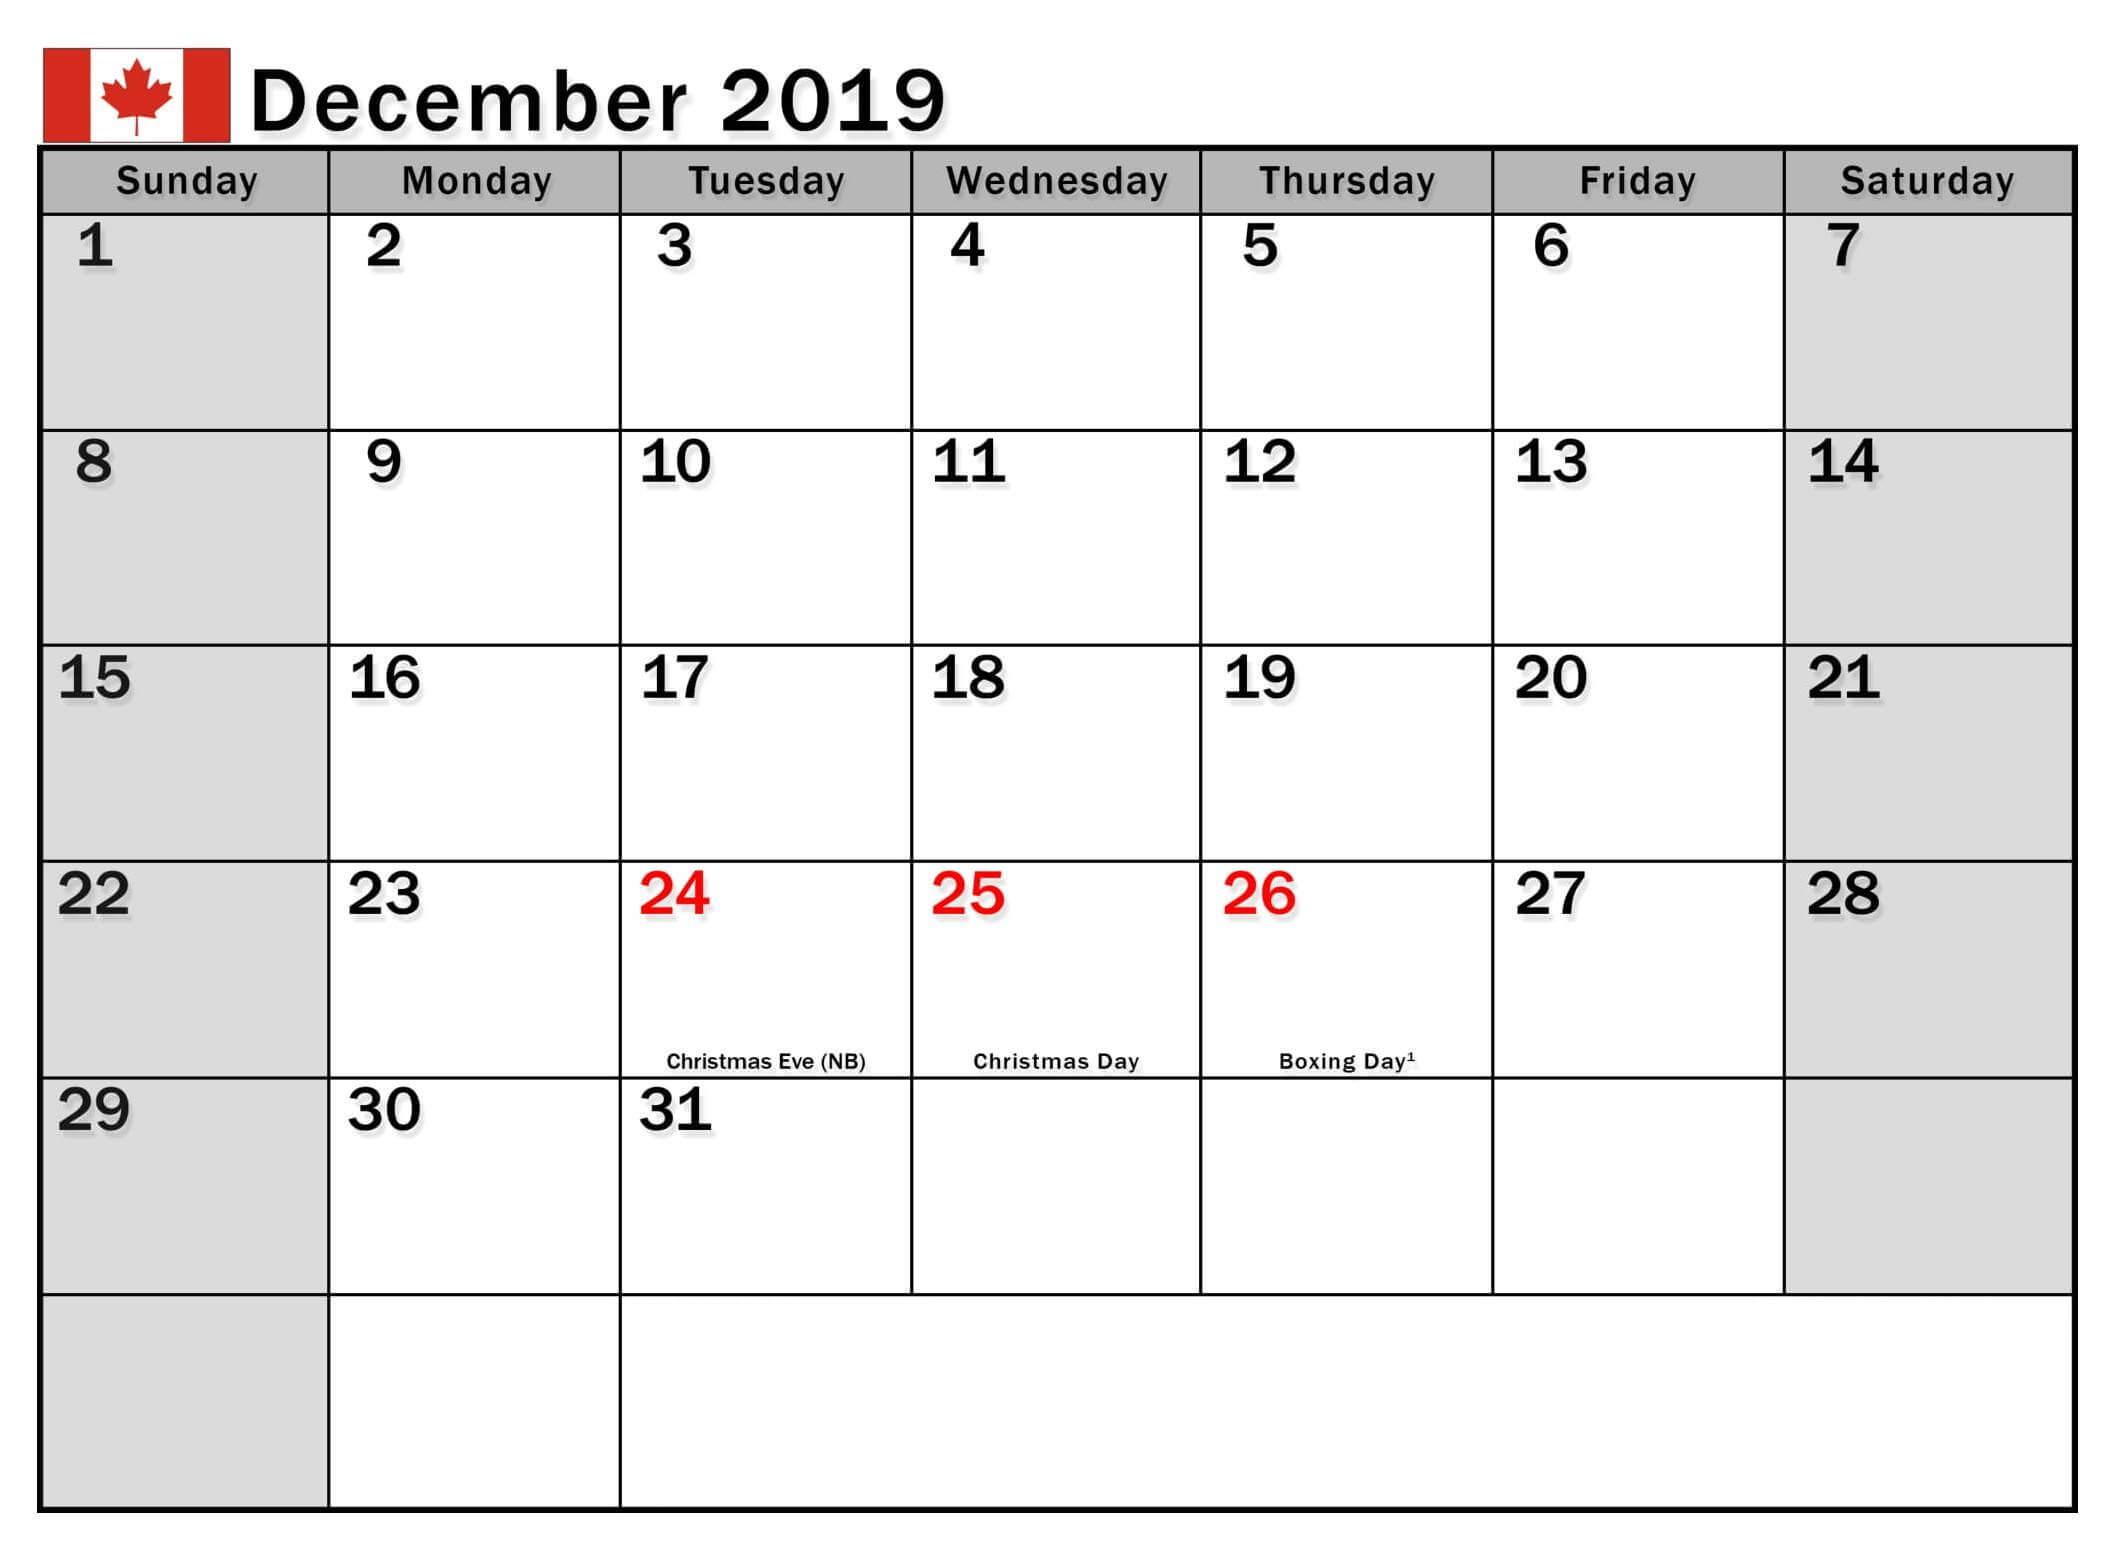 December 2019 Canada Holidays Calendar